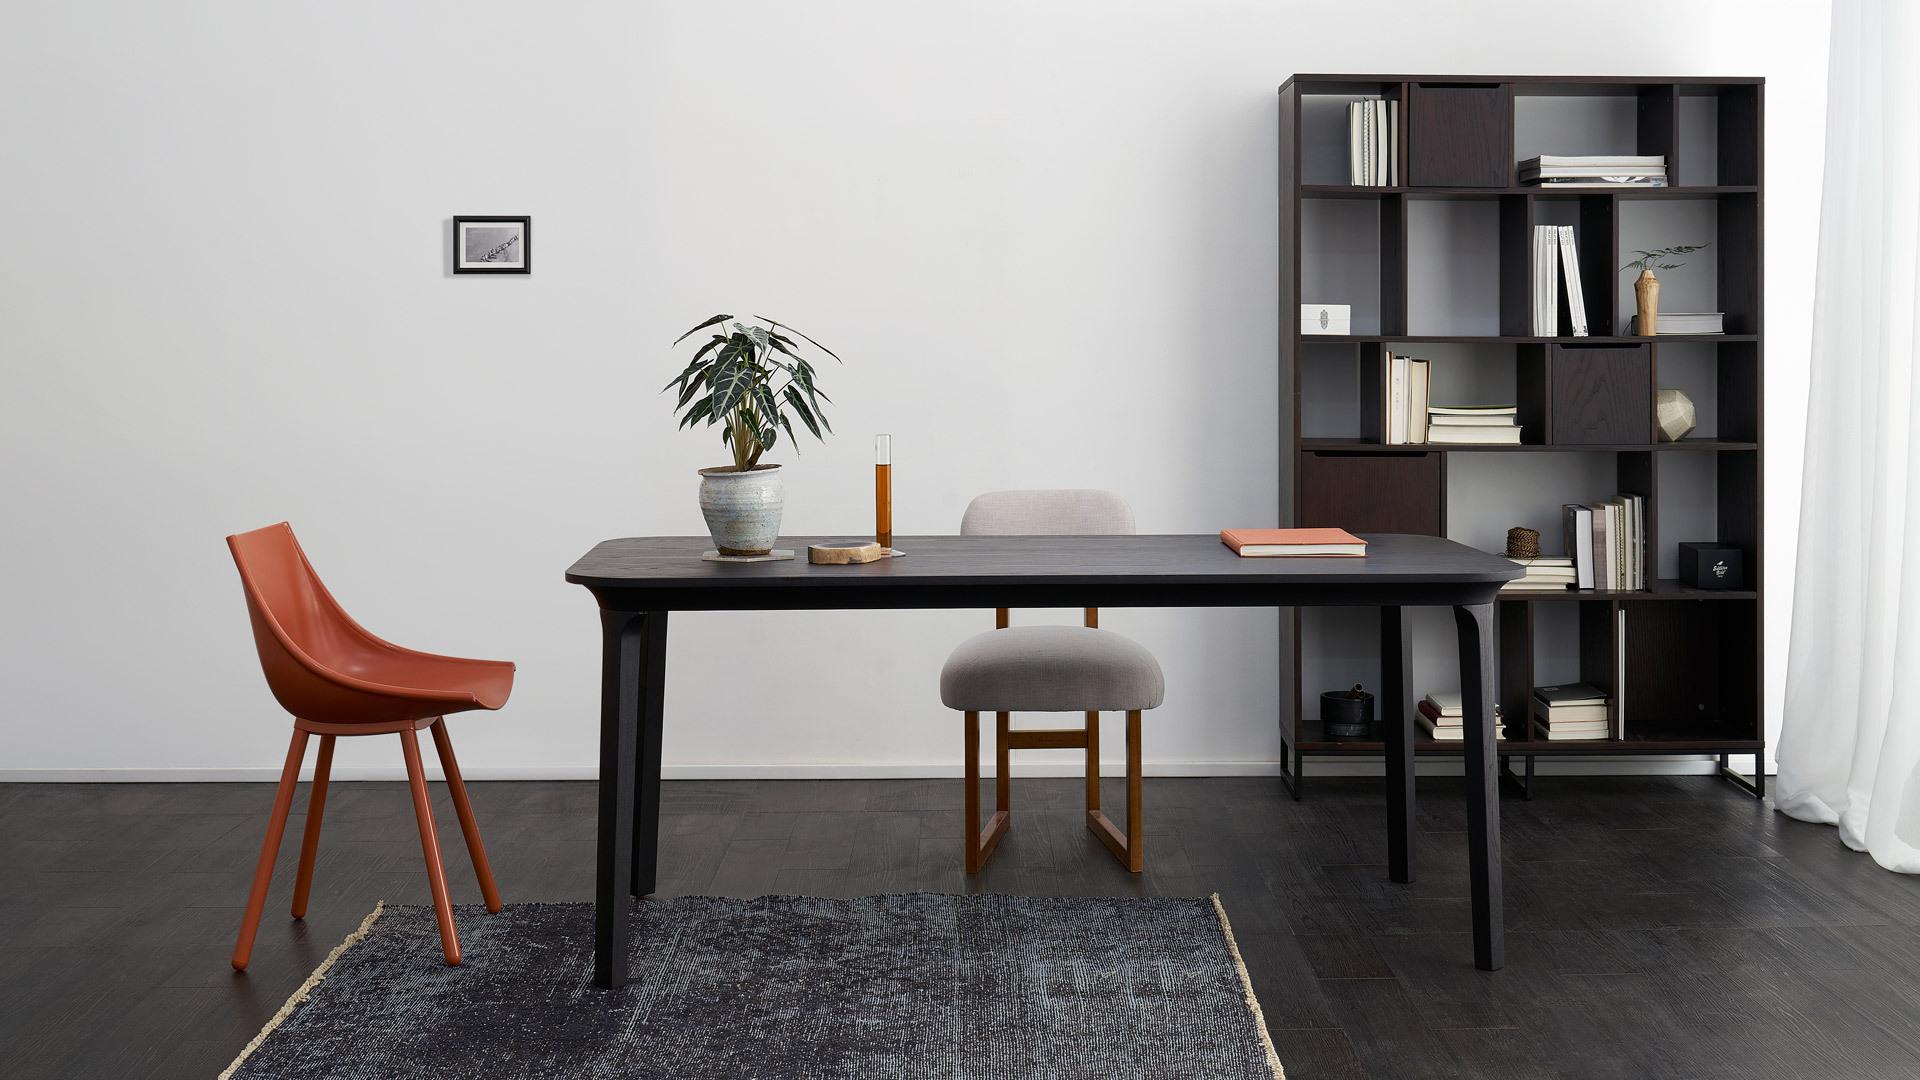 1.8米长餐桌,餐用工作兼备